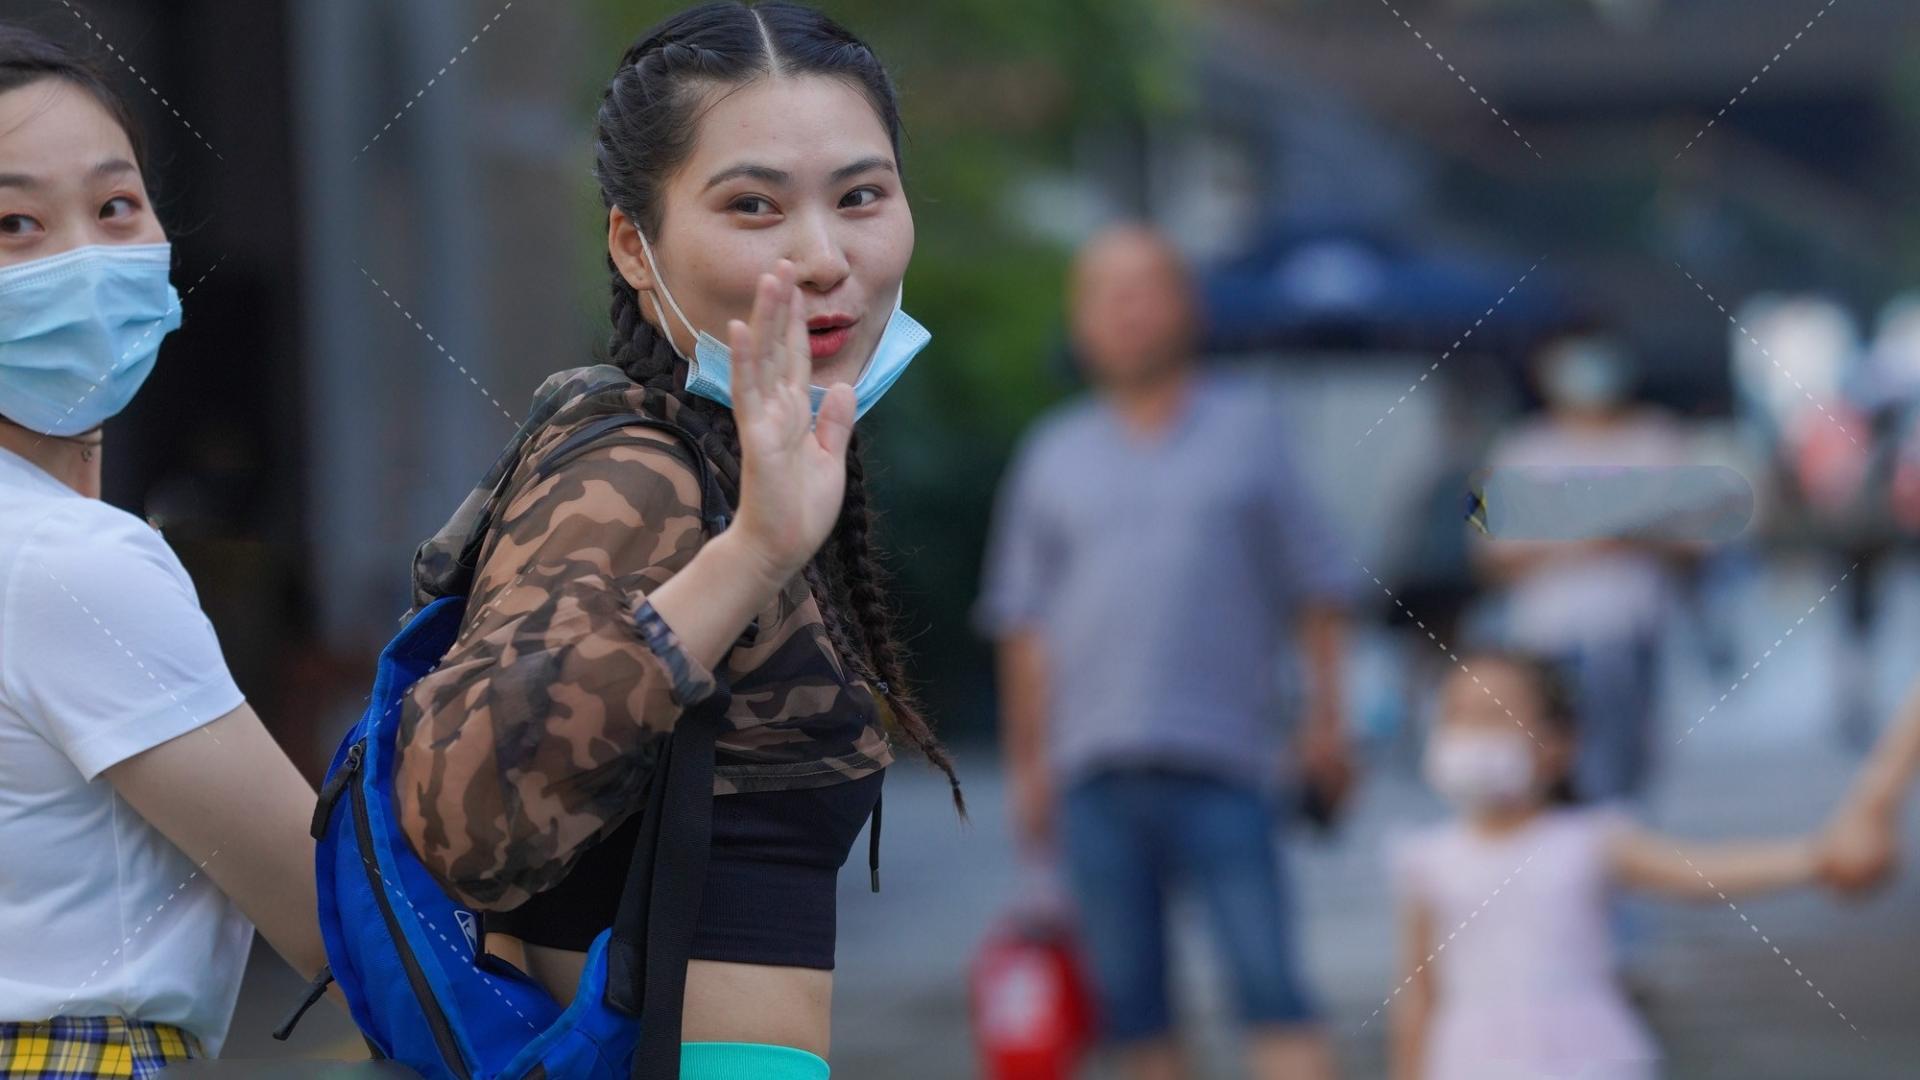 迷彩短款卫衣搭配湖蓝色紧身运动裤,气质出众,引领时尚潮流